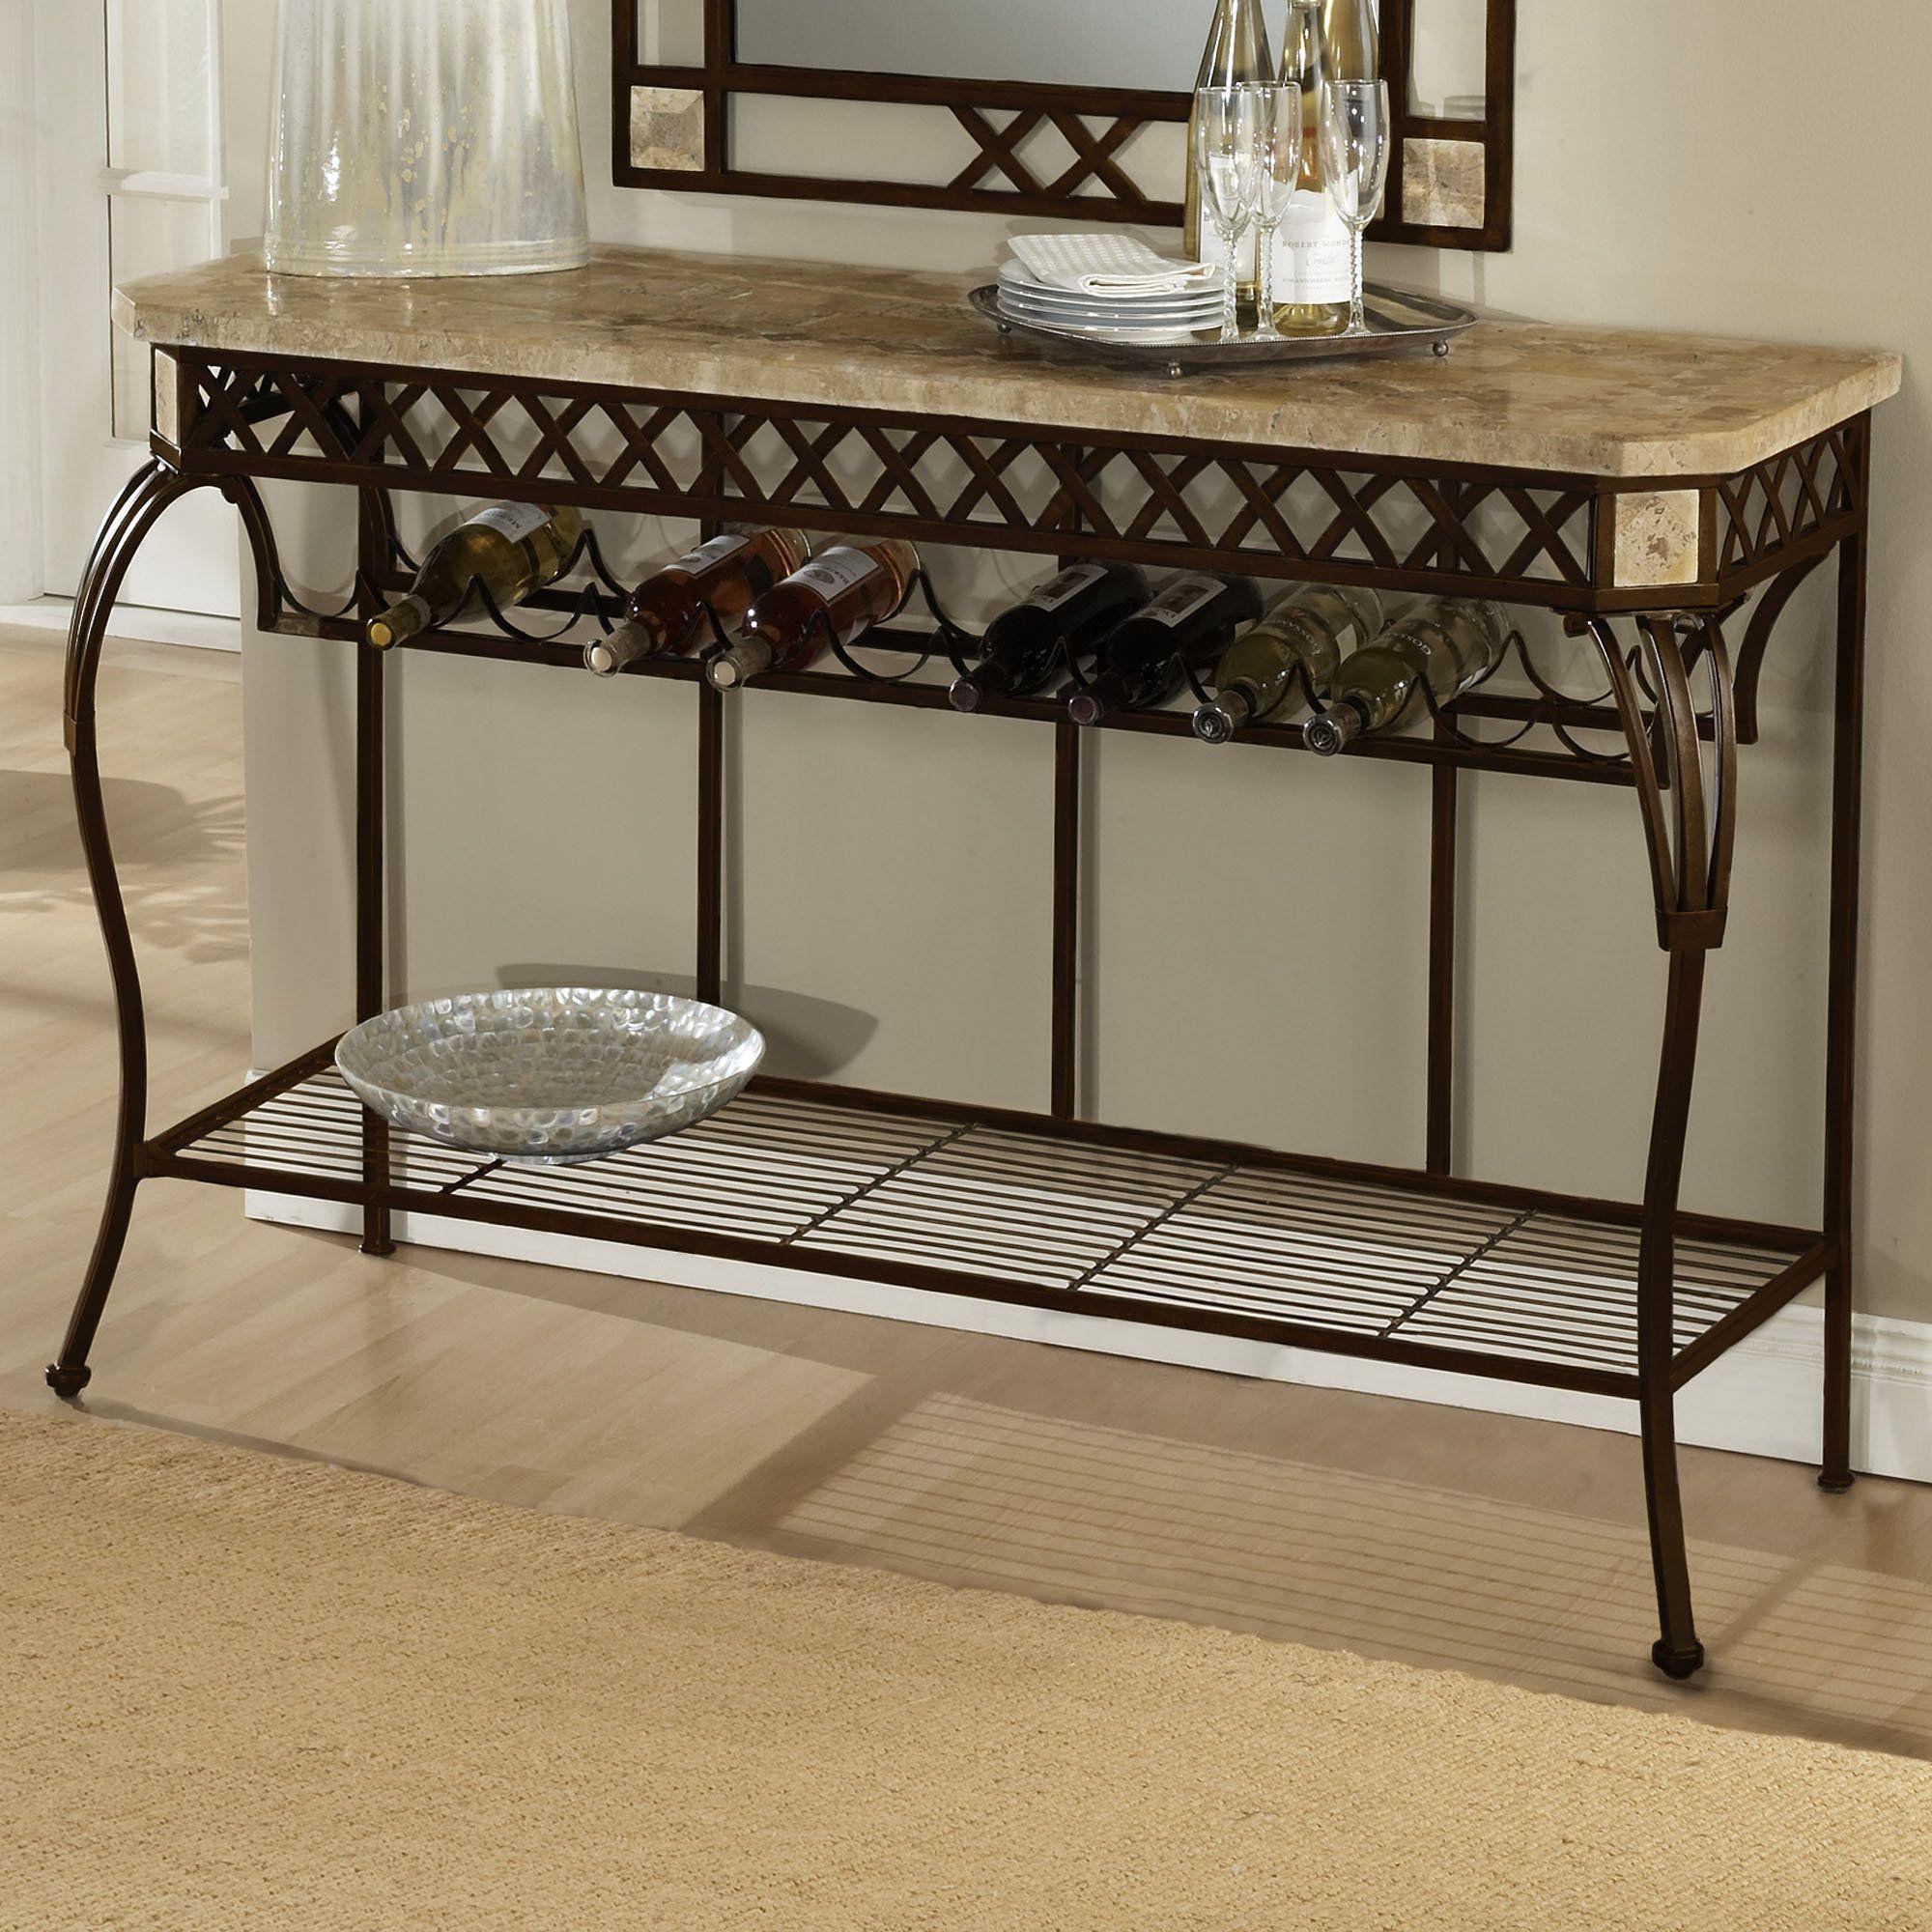 Eastbrook Buffet Table | Dining Room Ideas | Pinterest | Buffet ...